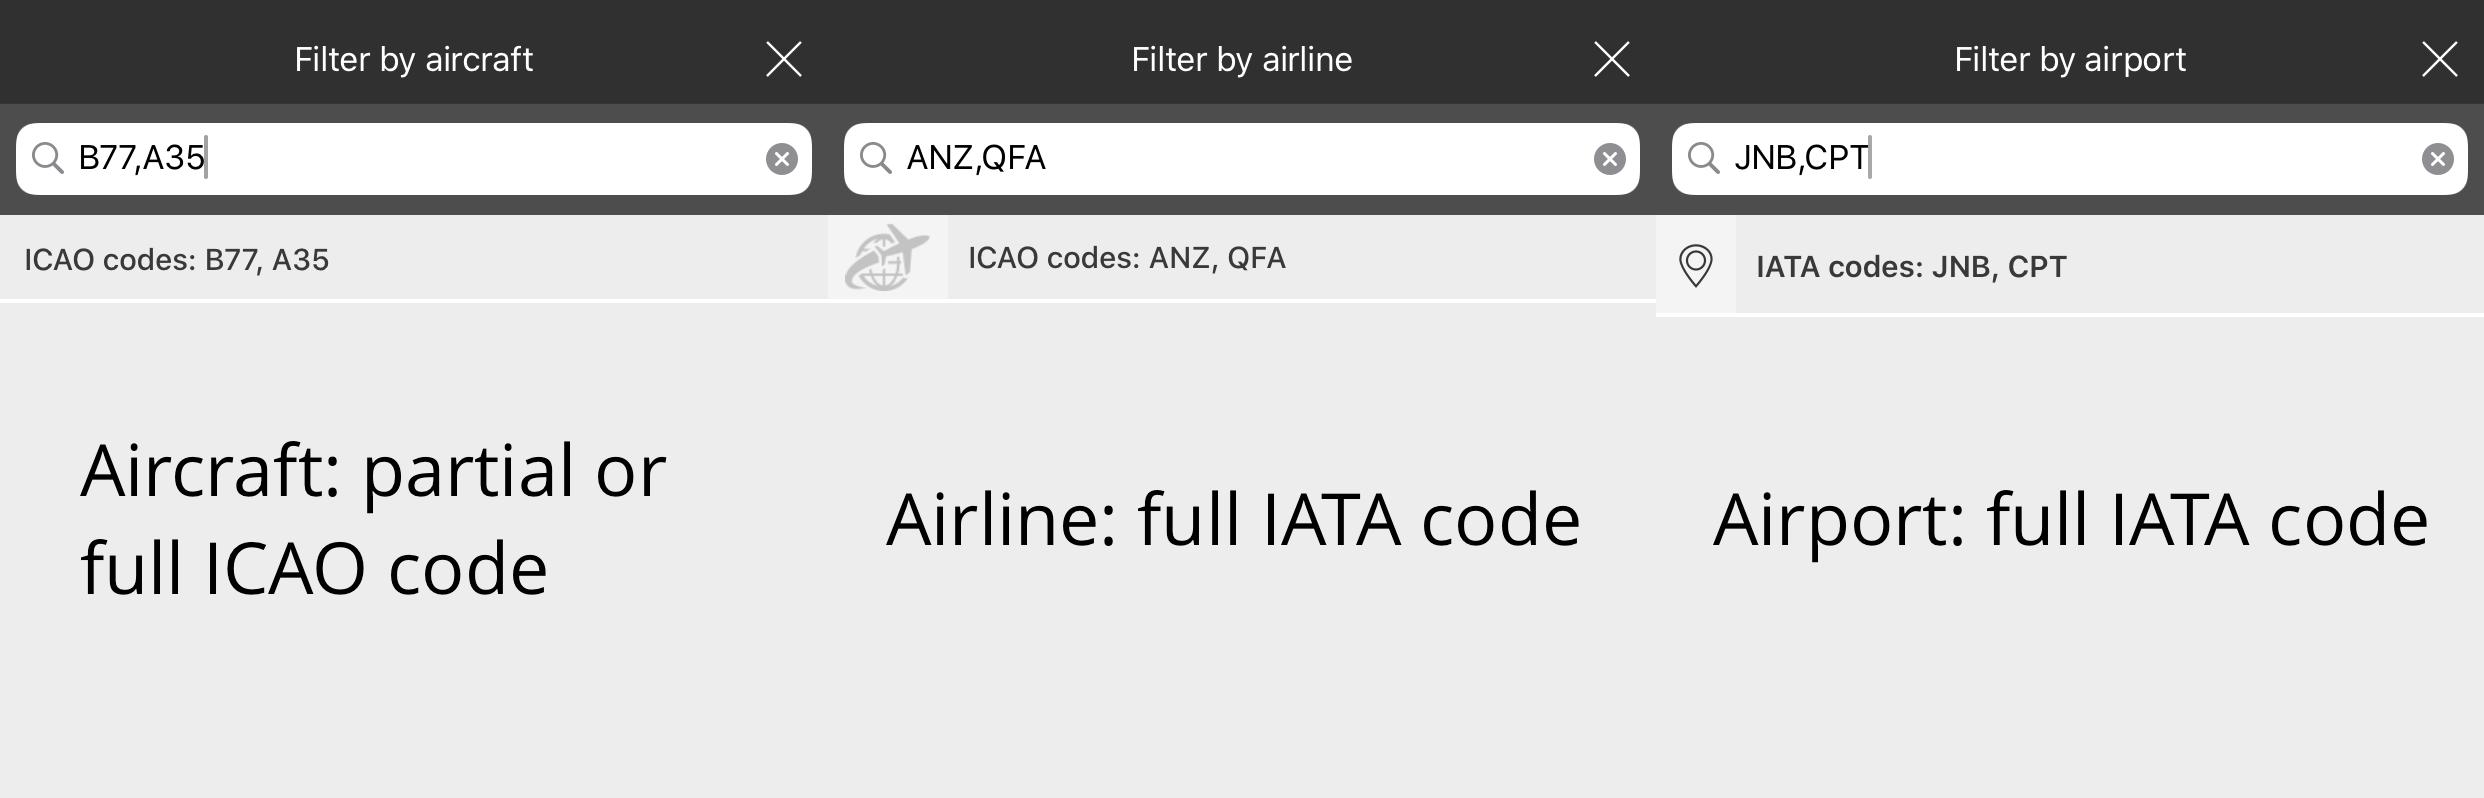 Filtering options in the Flightradar24 app